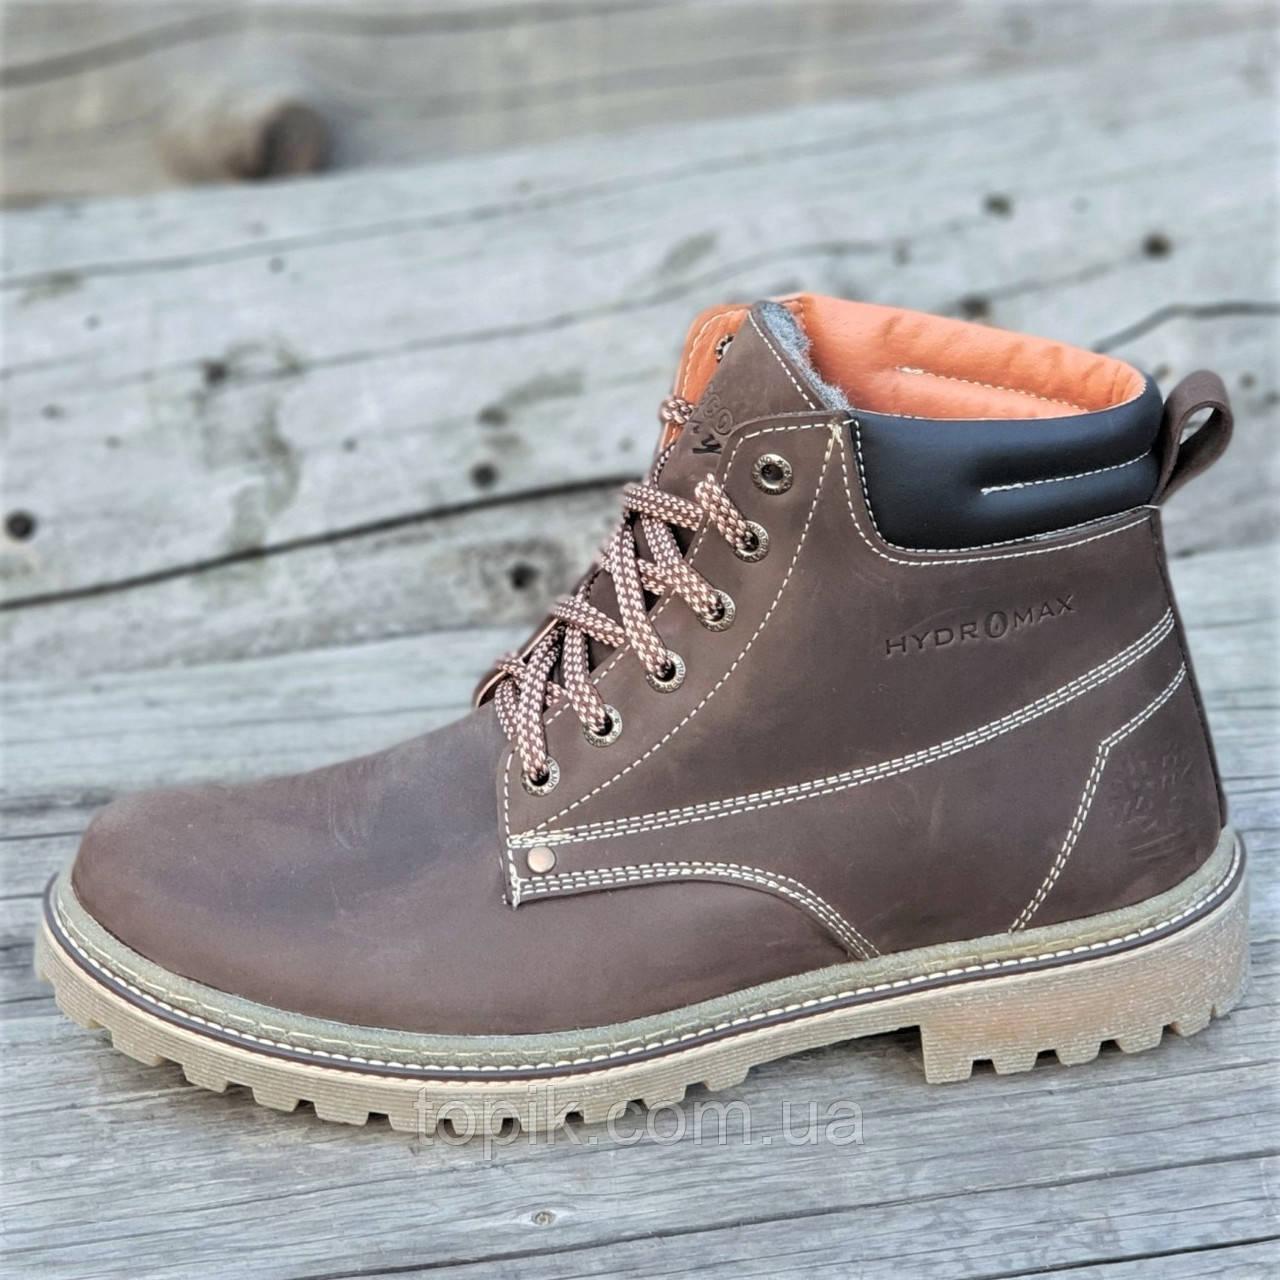 2c3f8eb4 Стильные зимние кожаные ботинки мужские коричневые натуральный мех на  полиуретановой подошве (Код: 1280)